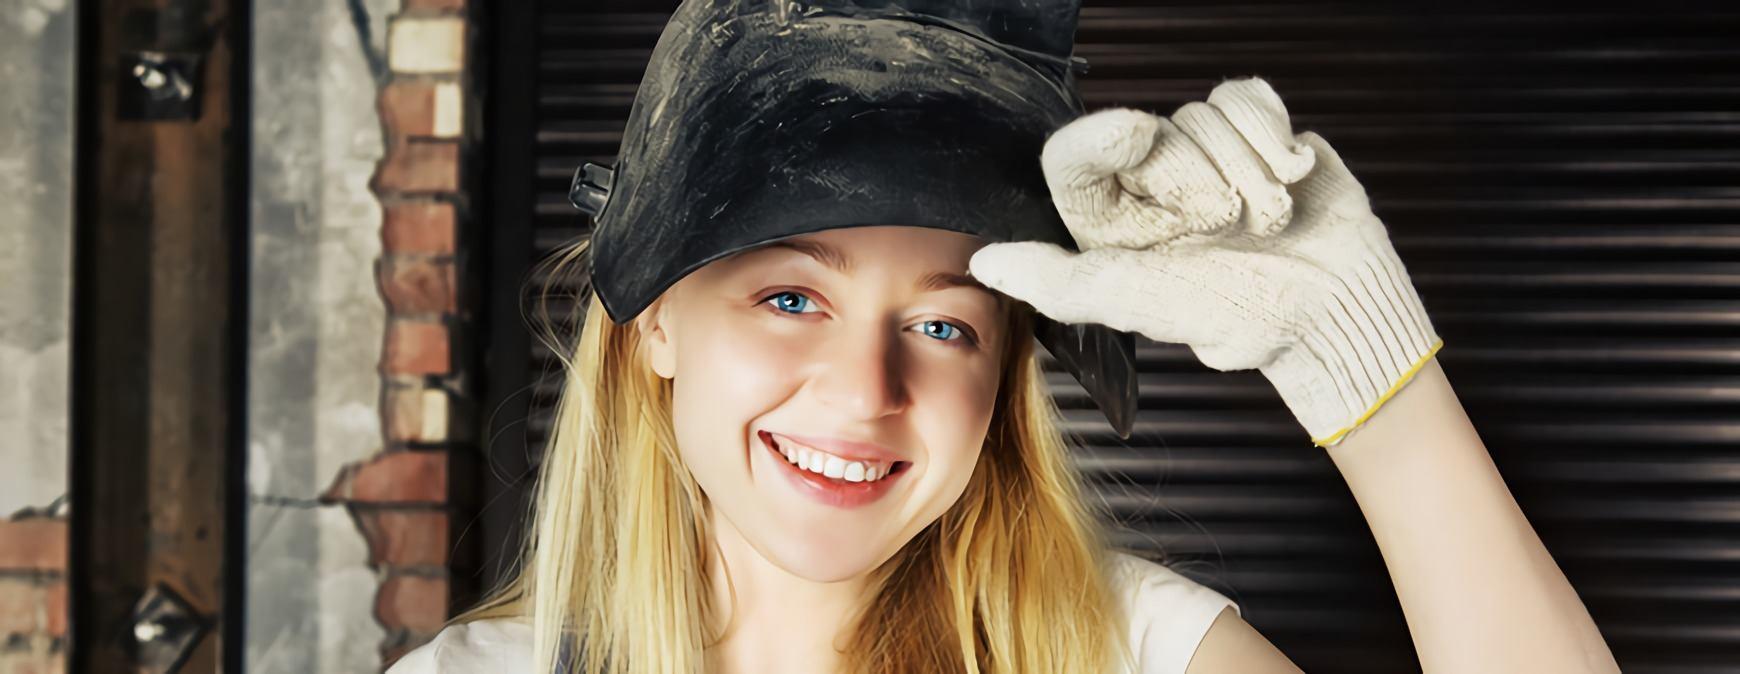 young welder